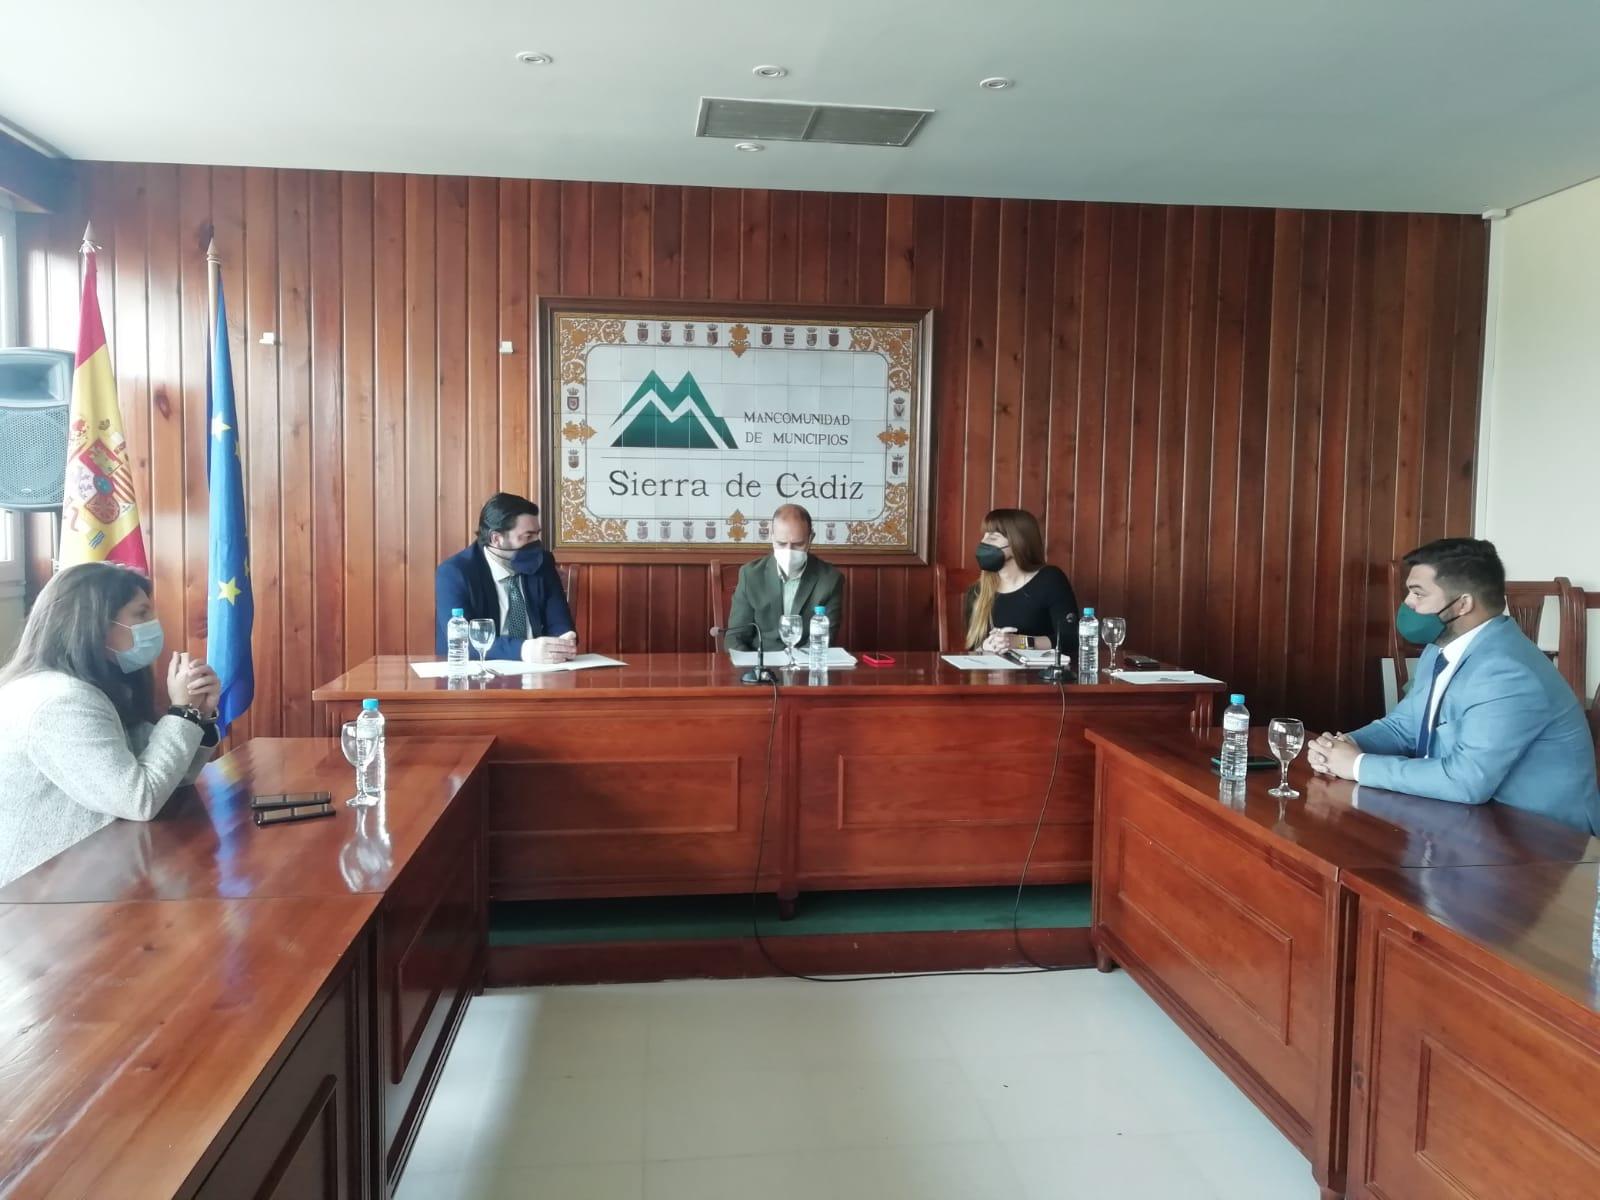 La Junta traslada su apoyo a los municipios de la Sierra para reactivar su economía